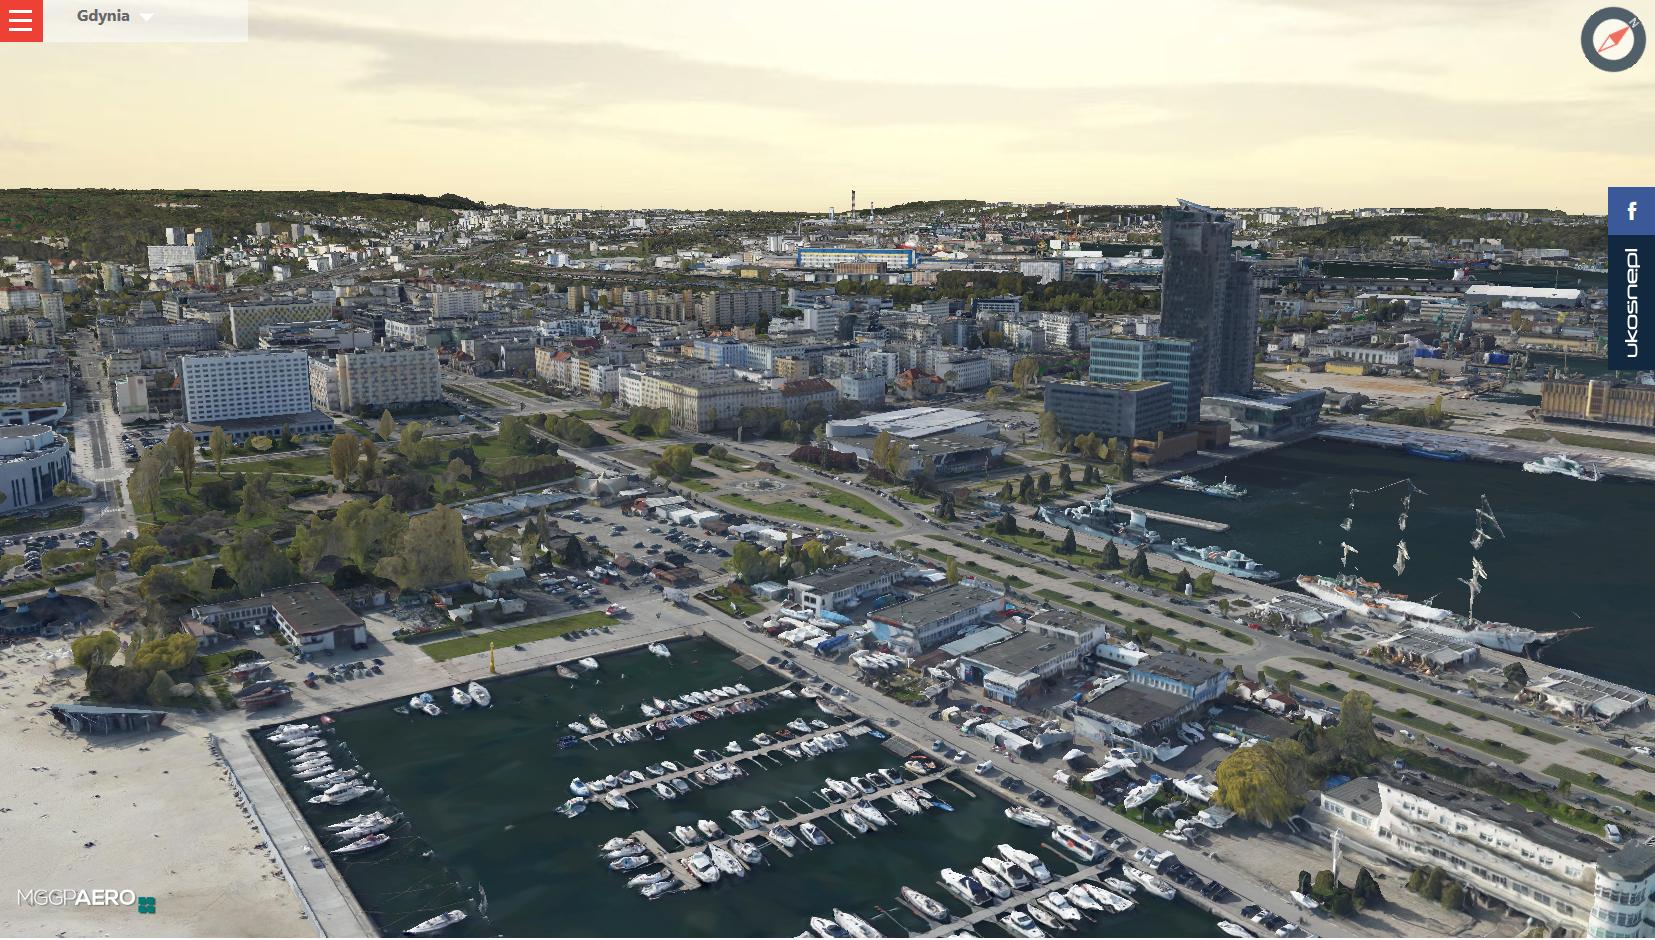 Mapa 3D Gdyni, źródło: www.gdynia.polska3d.pl